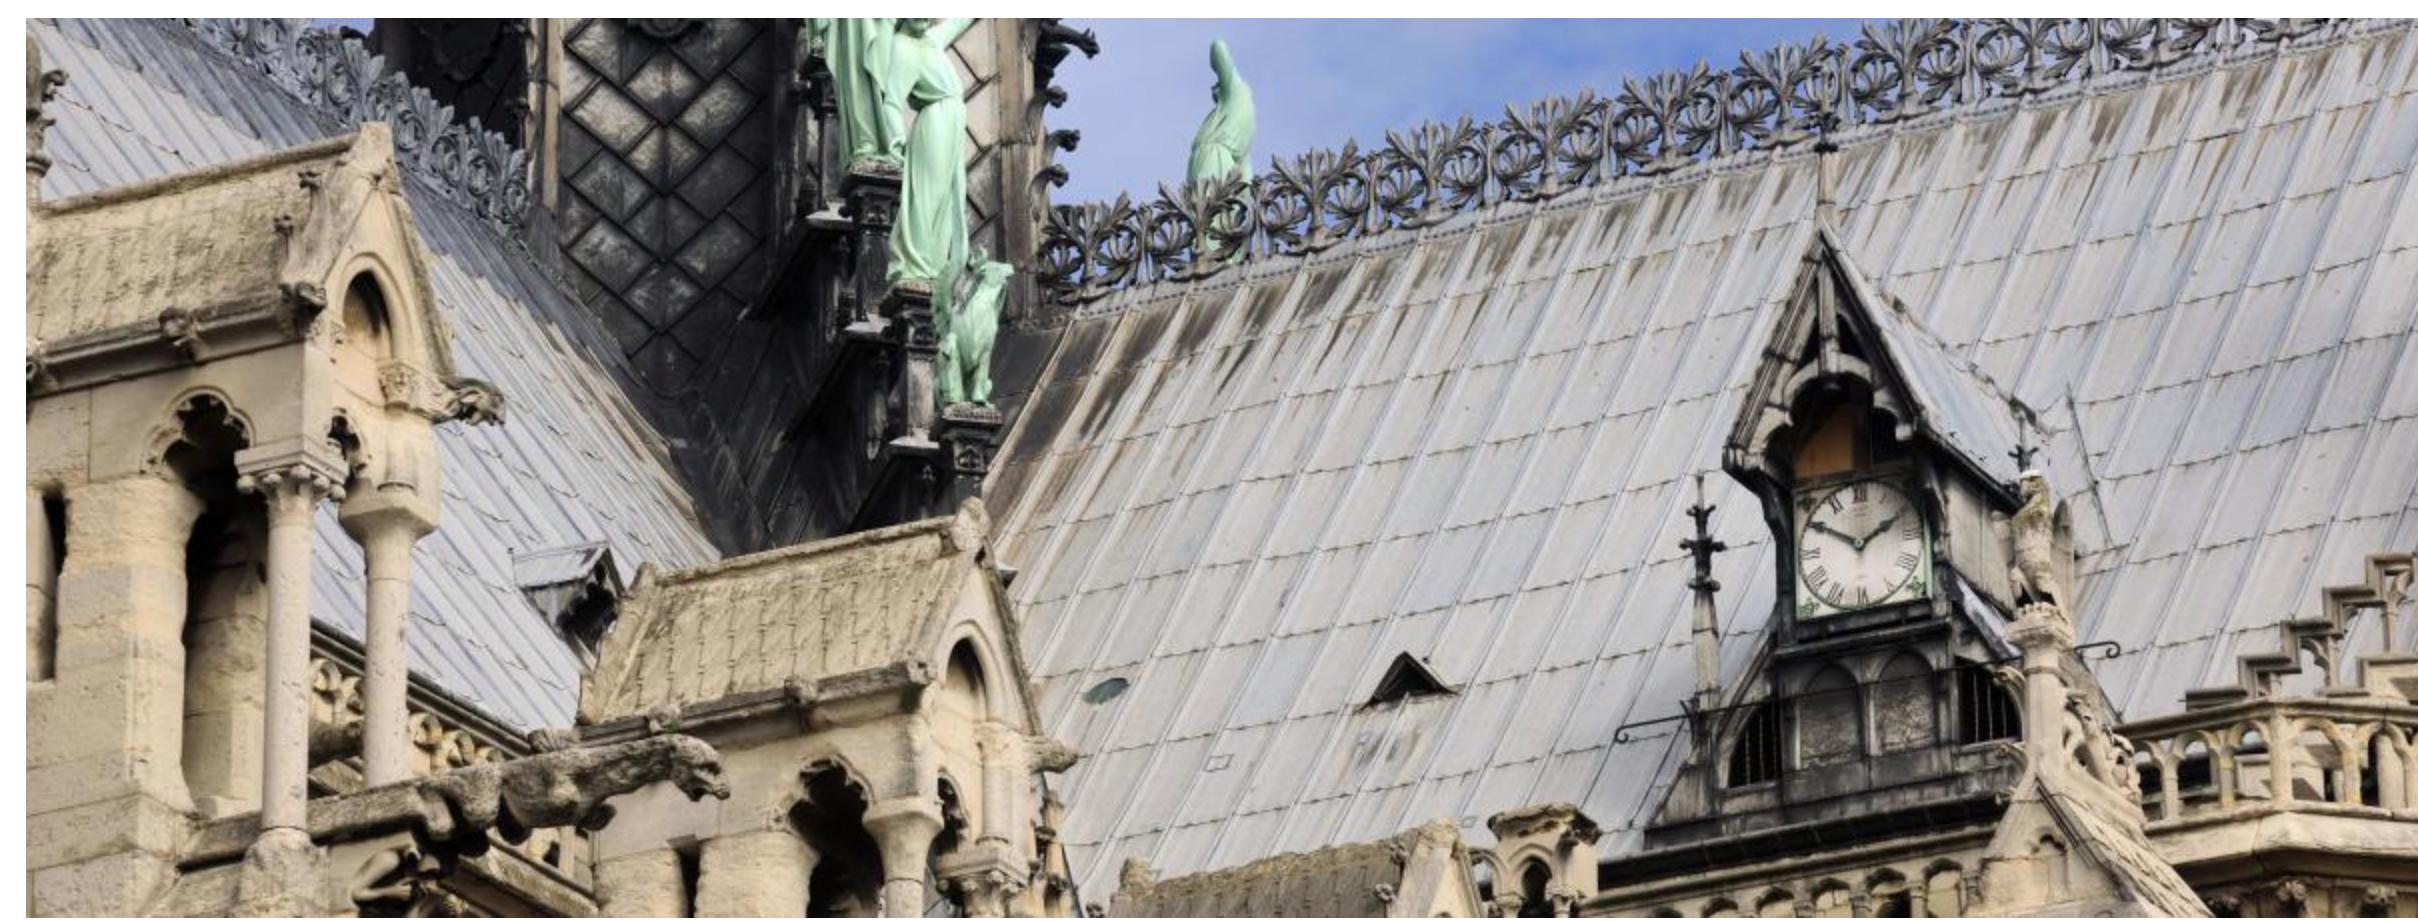 On a retrouvé une soeur jumelle de l'horloge de Notre-Dame… mais vont-ils refaire une horloge?